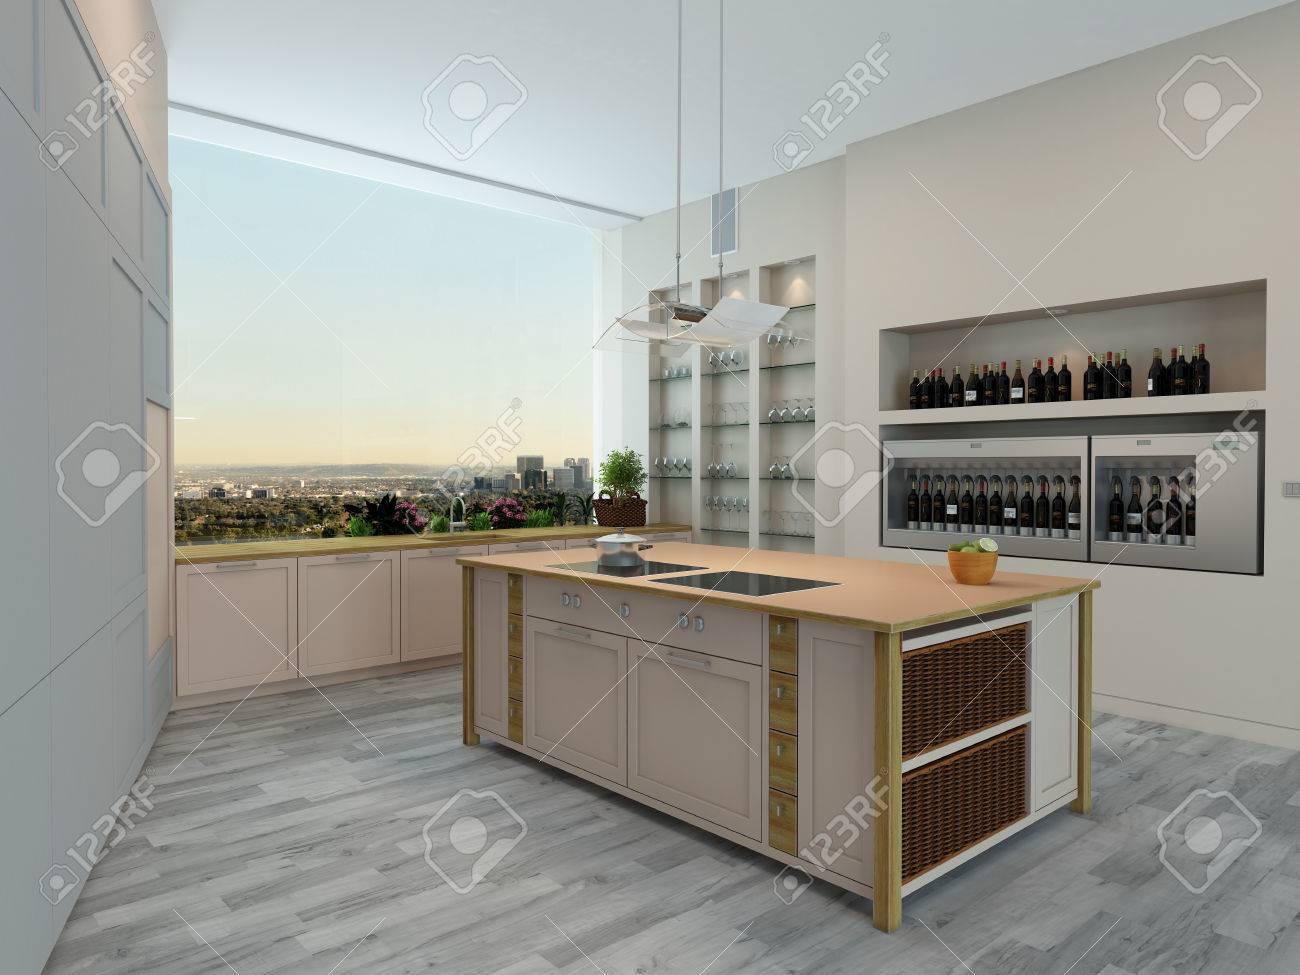 Intérieur appartement de cuisine moderne avec des unités murales ...